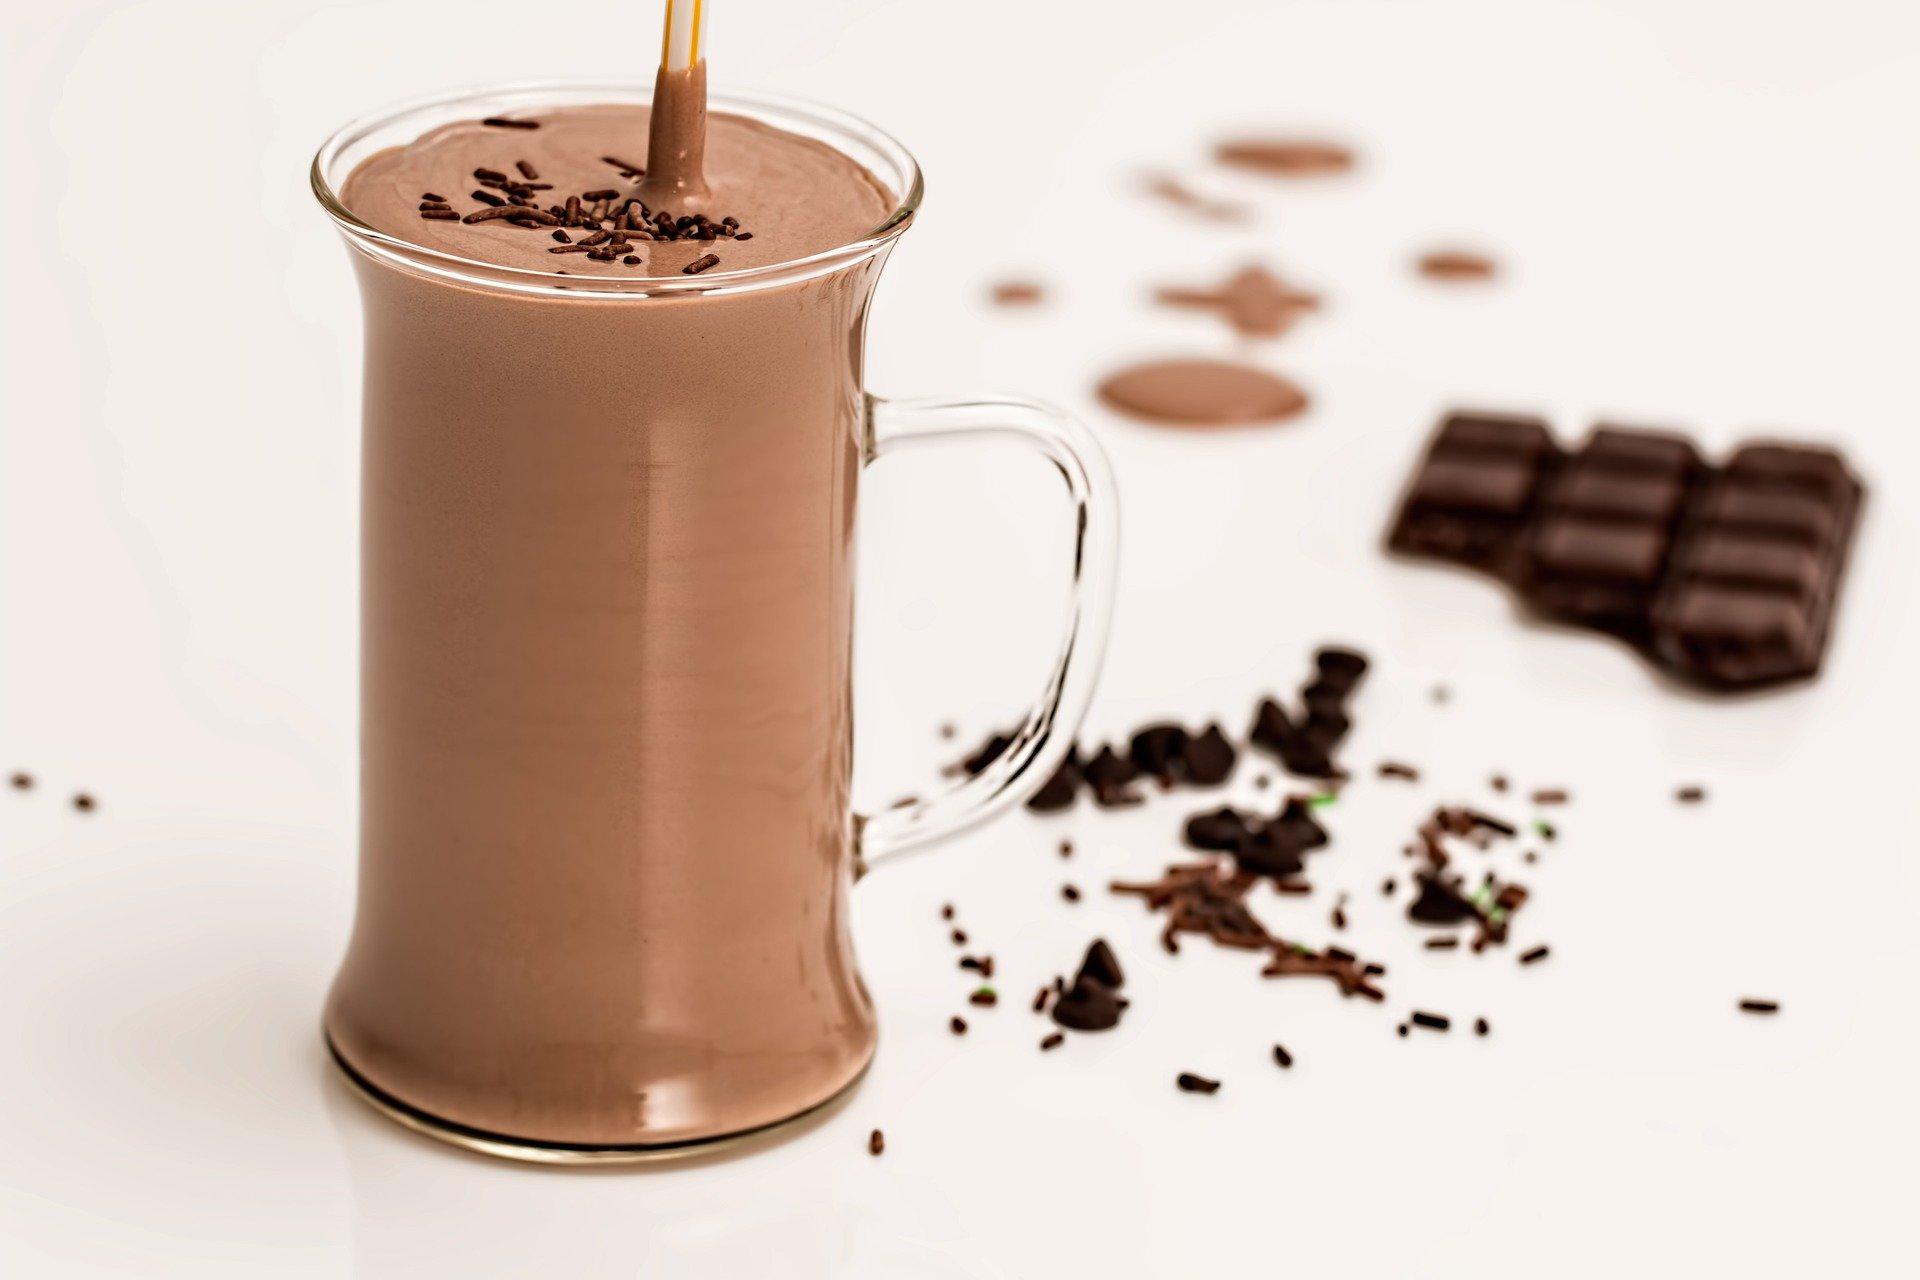 Chocolate Milkshake Day